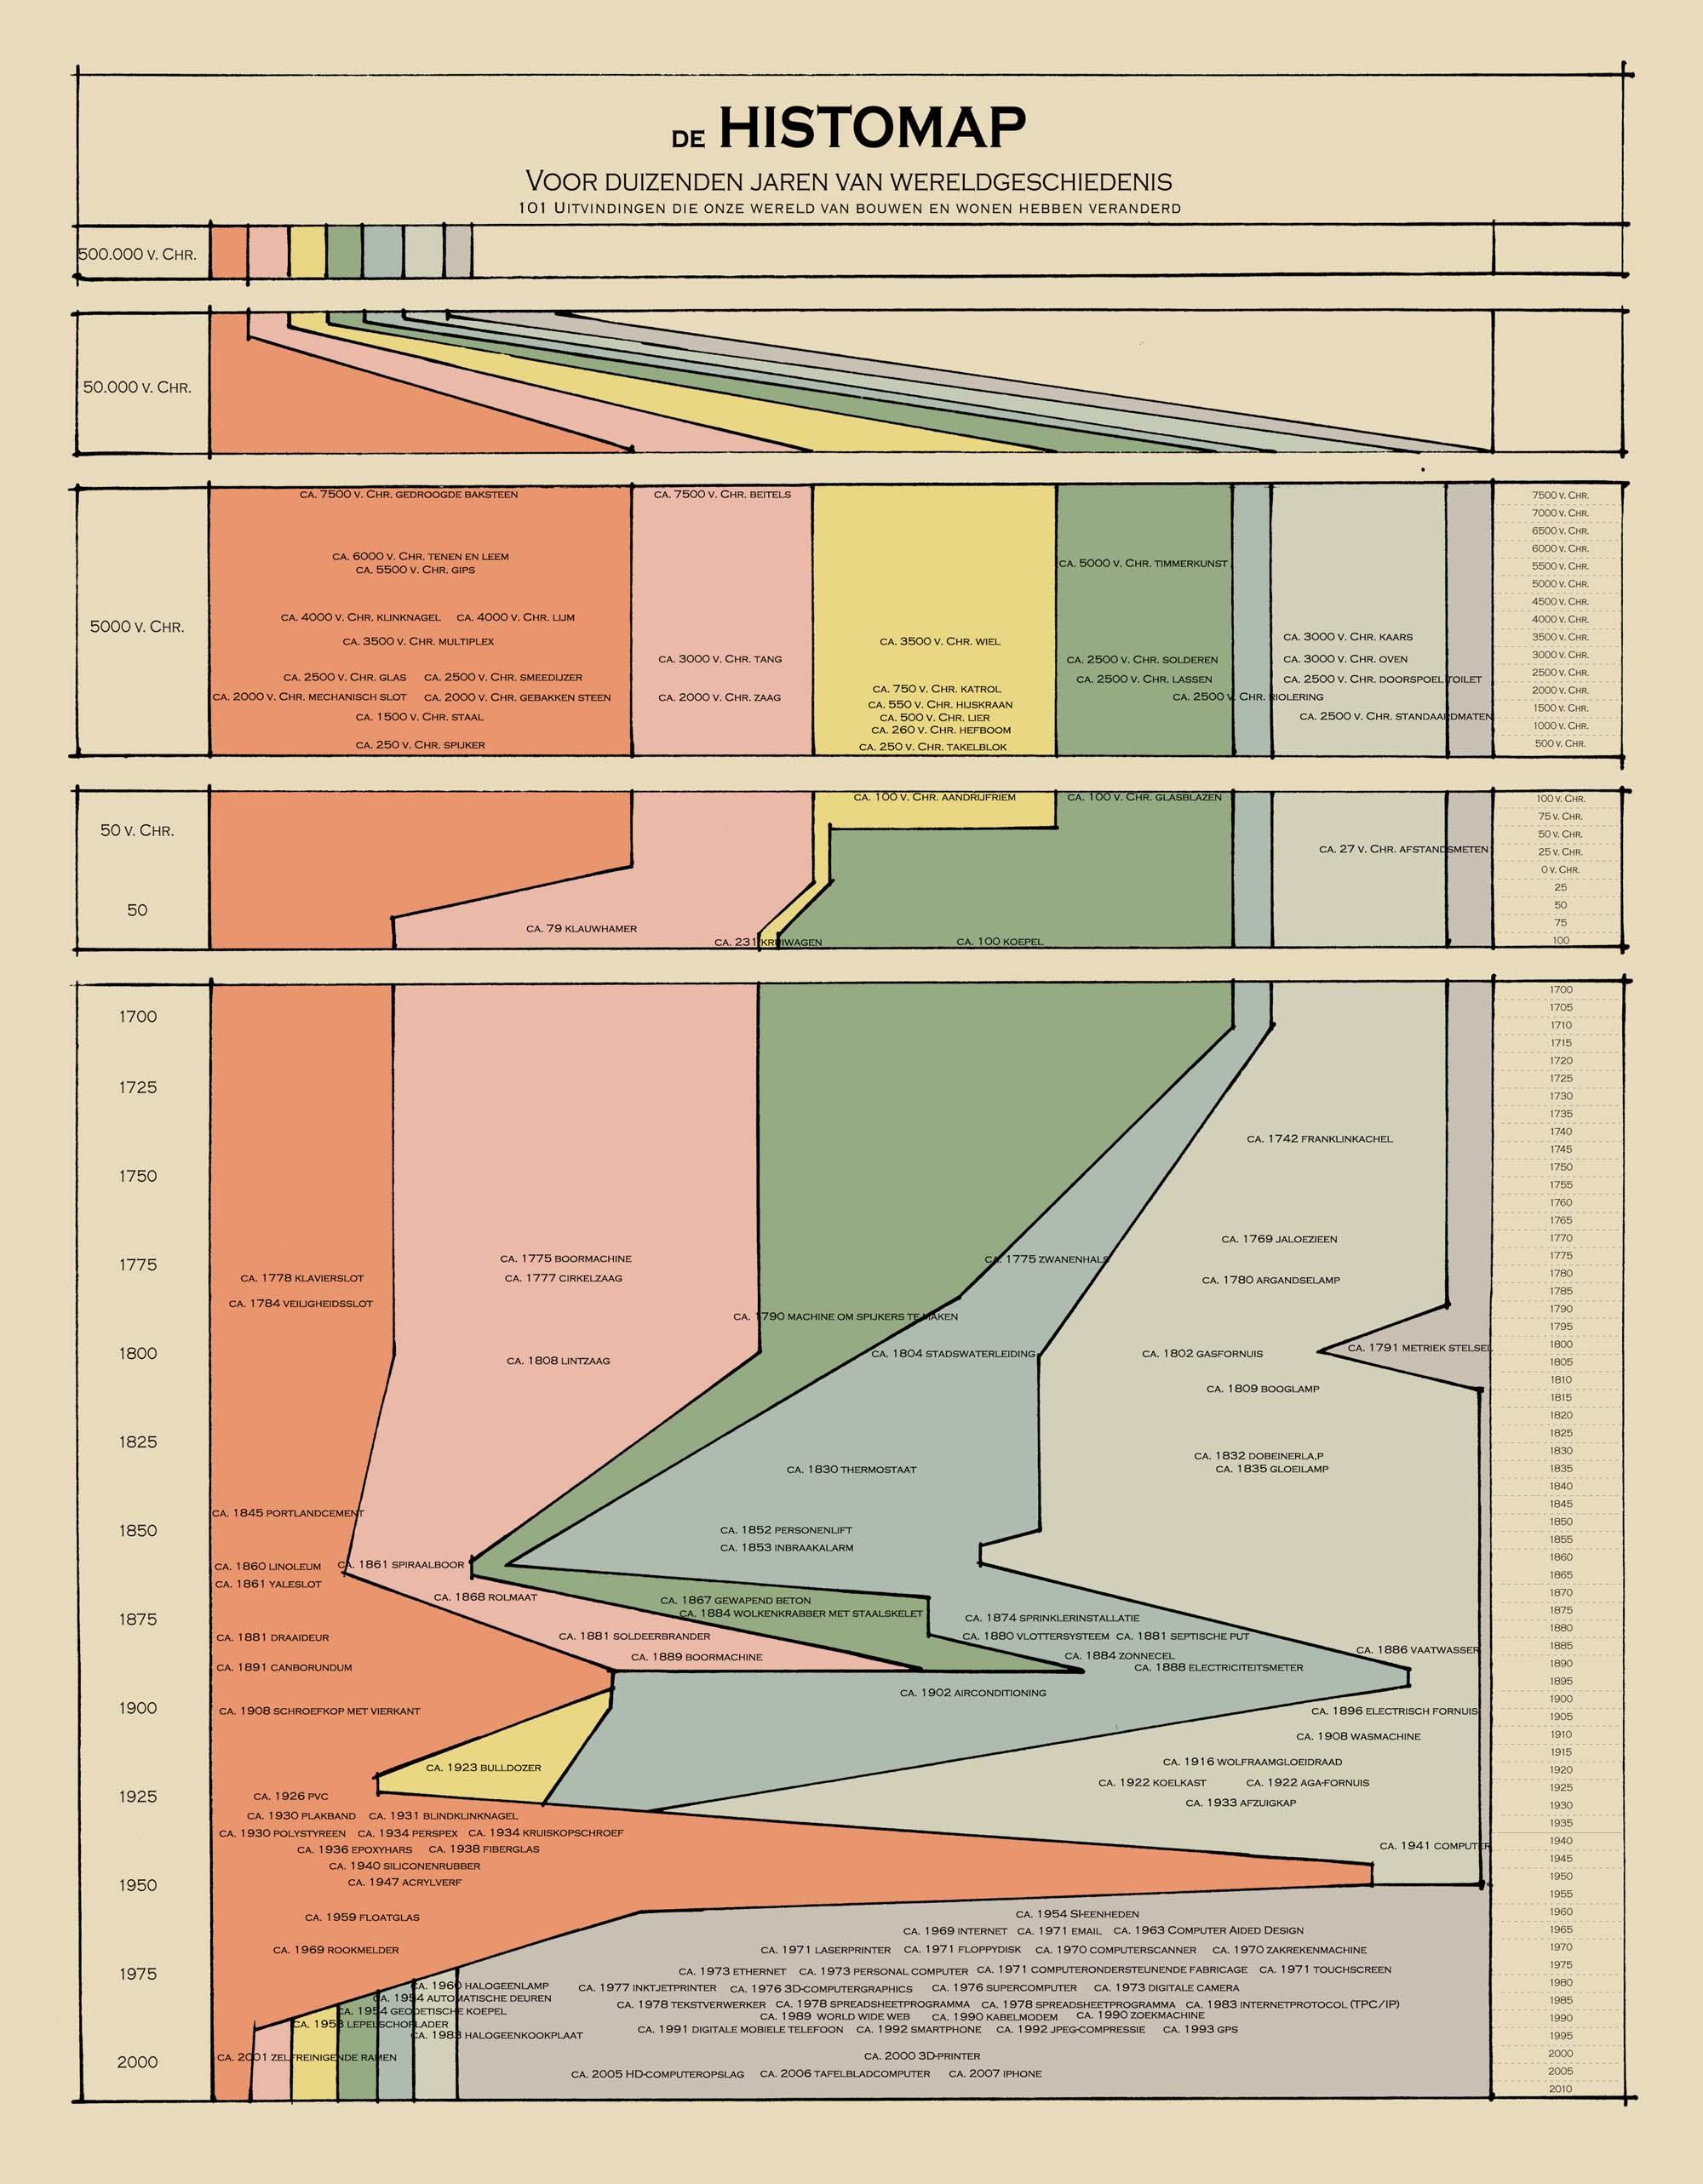 101 uitvindingen die onze wereld van bouwen en wonen hebben veranderd (oranje: materiaal, roze: gereedschap, geel: materieel, groen: methoden en technieken, blauw: installatie, lichtgroen: huishoudelijk en grijs: communicatie)